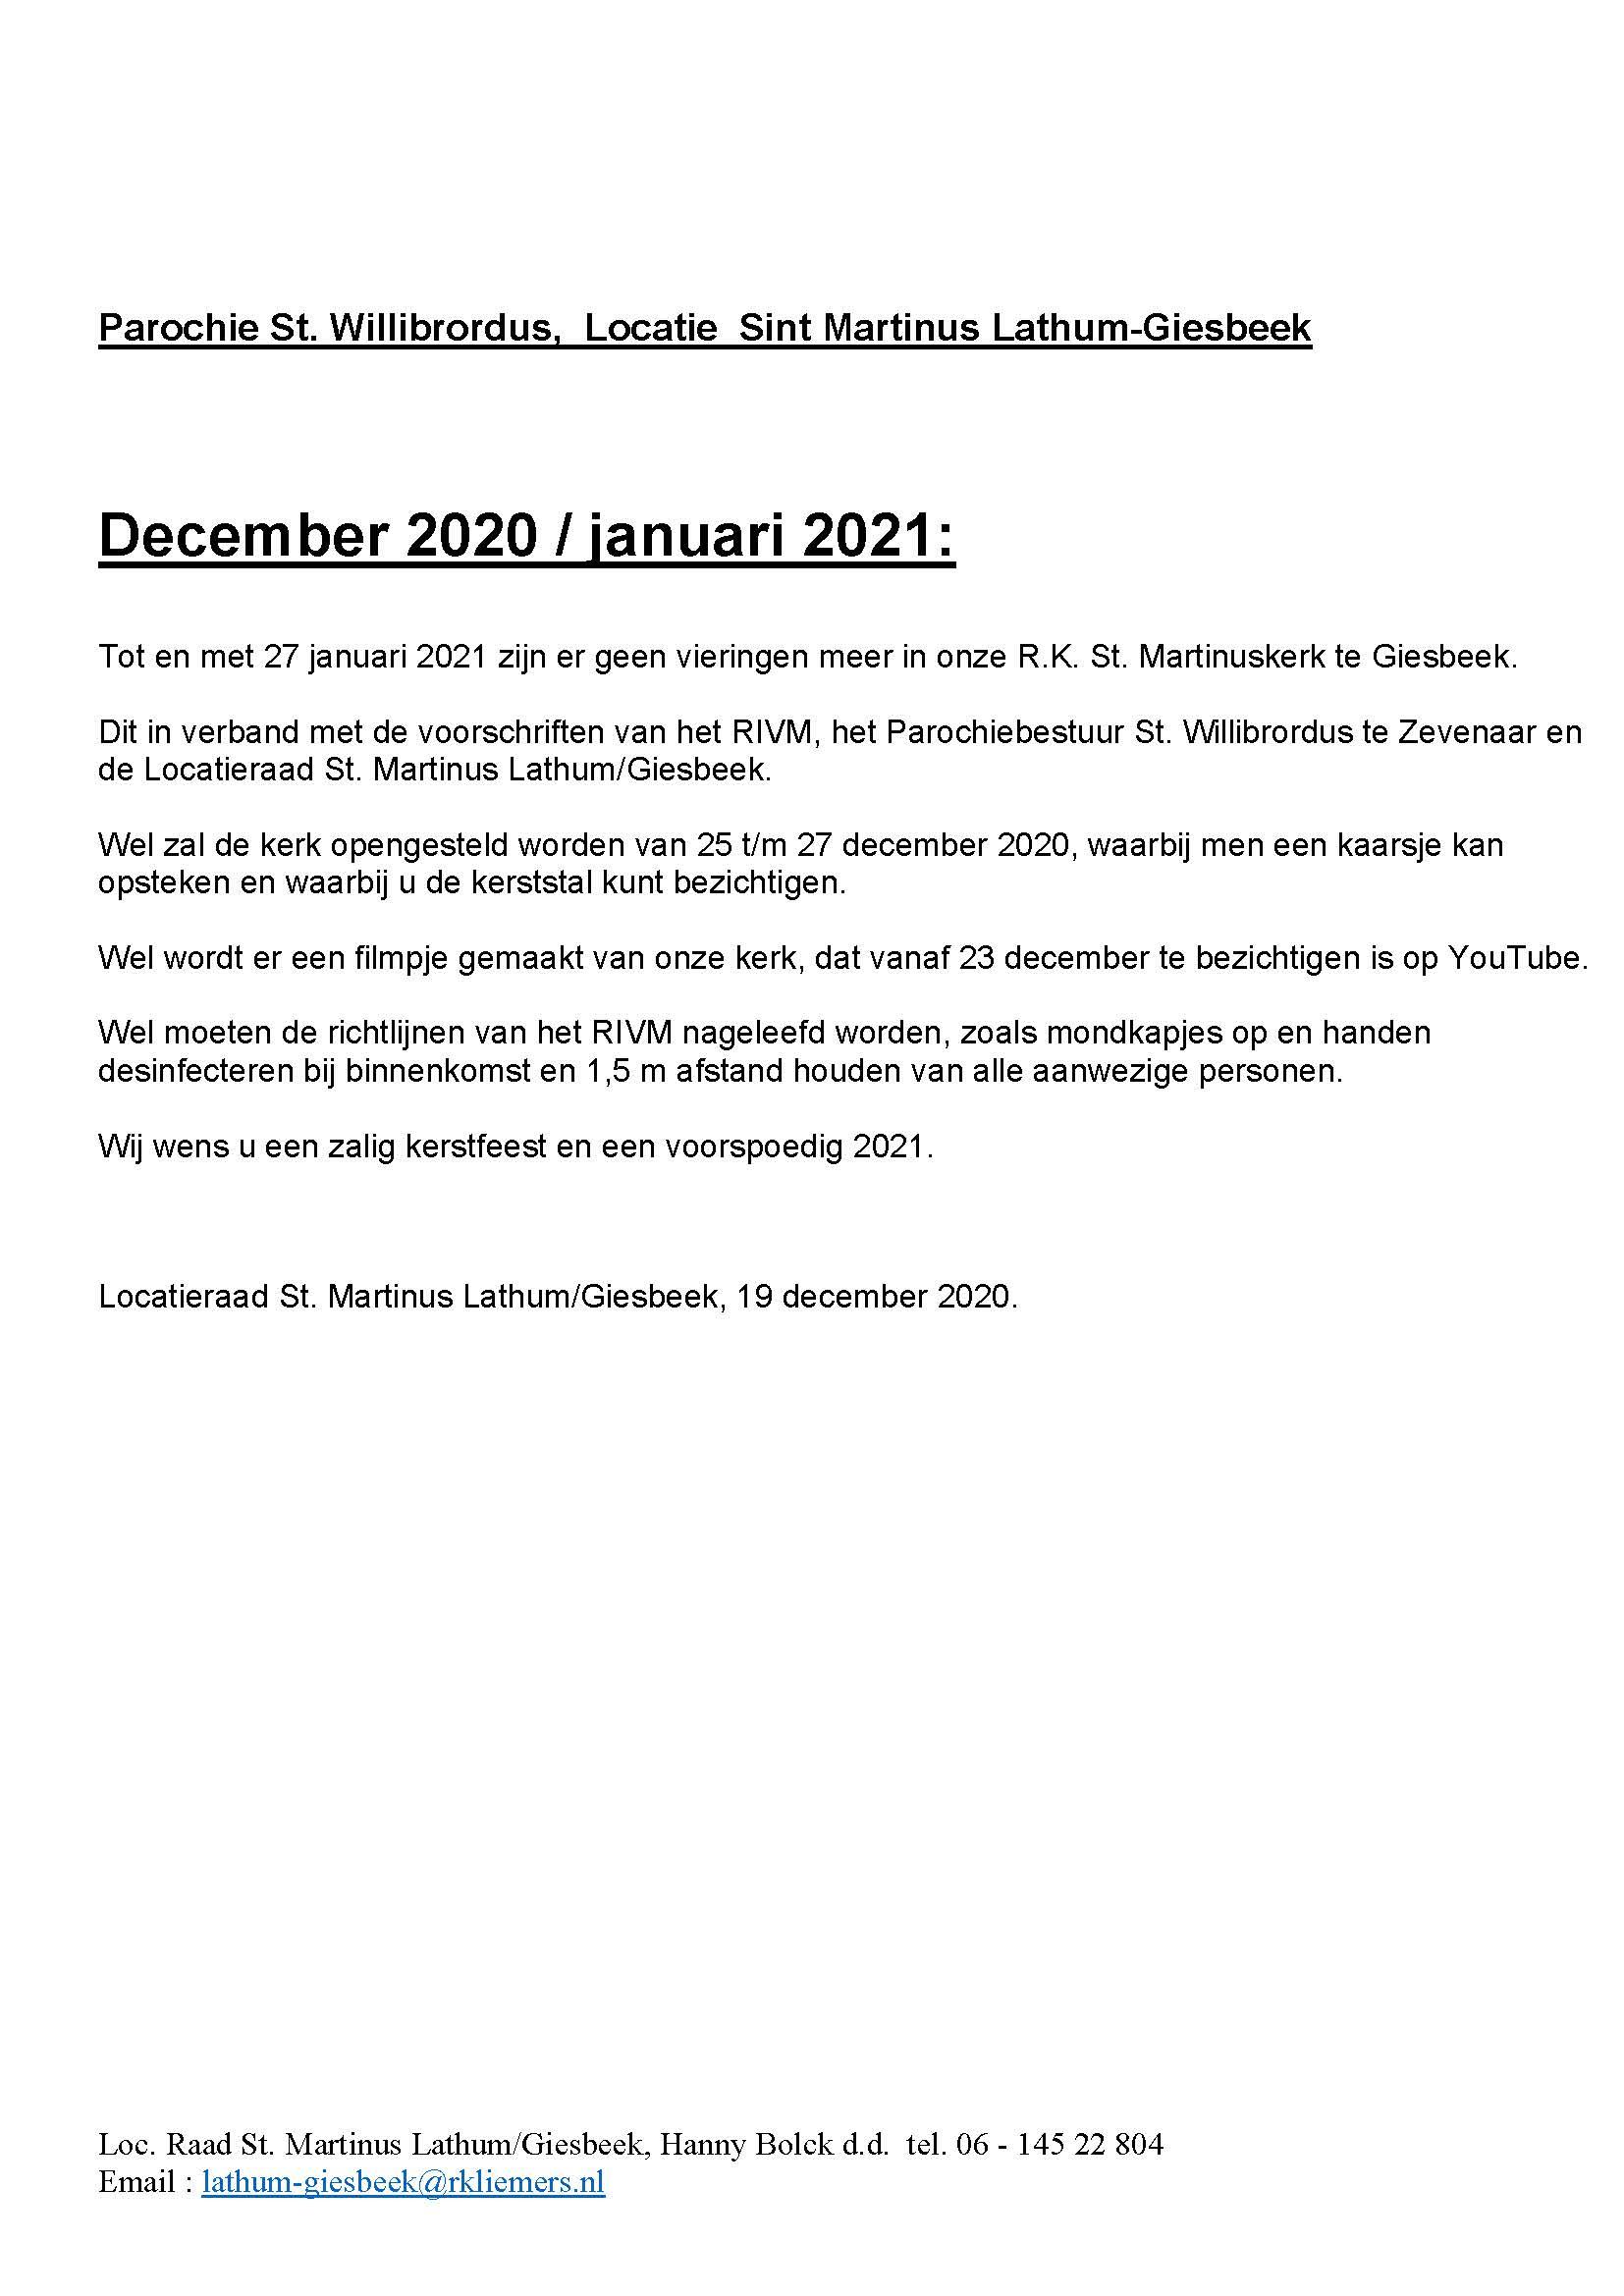 Kerkberichten2020_1112